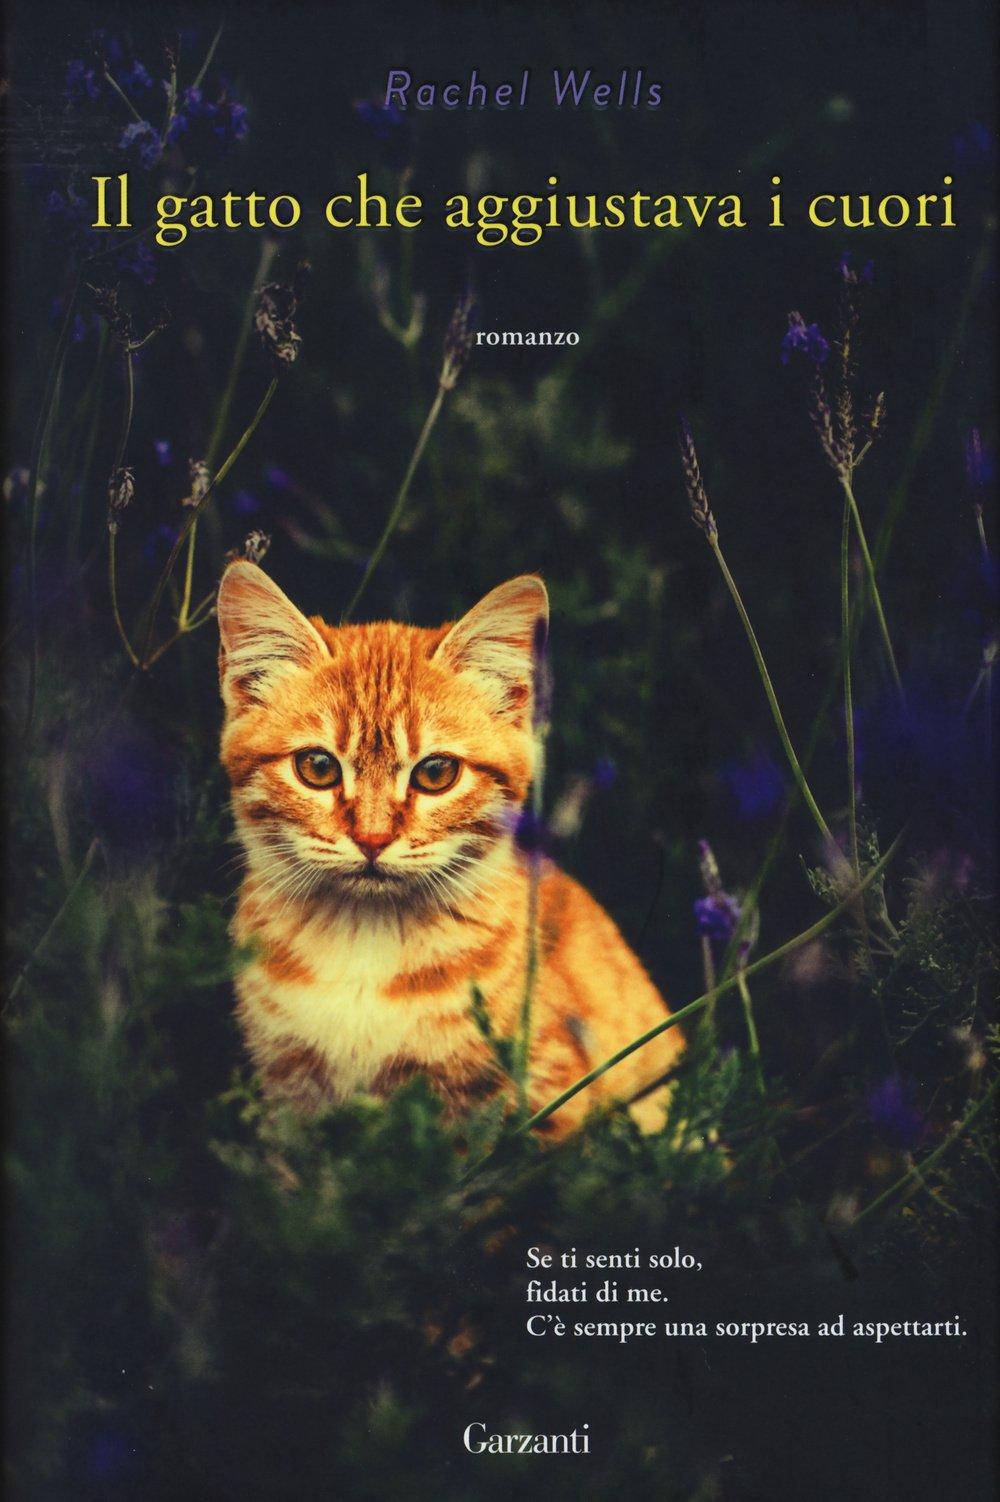 Il gatto che aggiustava i cuori,